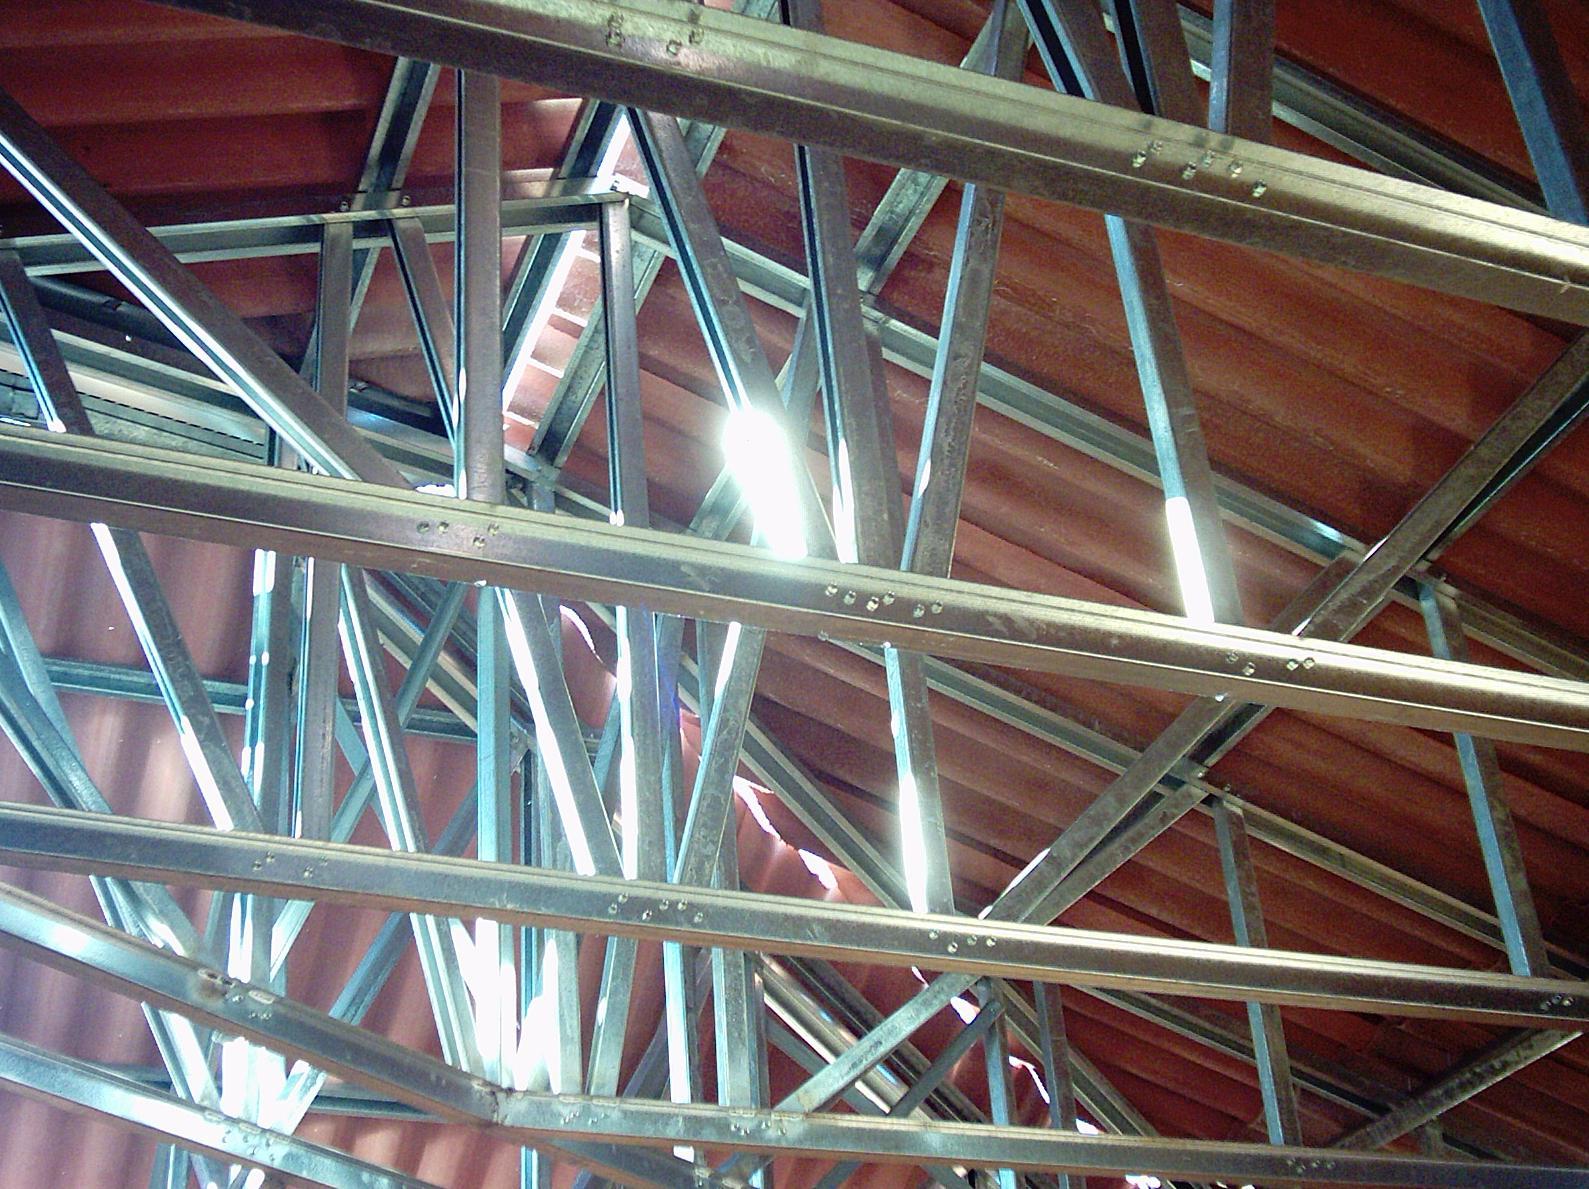 Trabajos con la Administración pública : Servicios del Taller de Talleres Franco Cobos